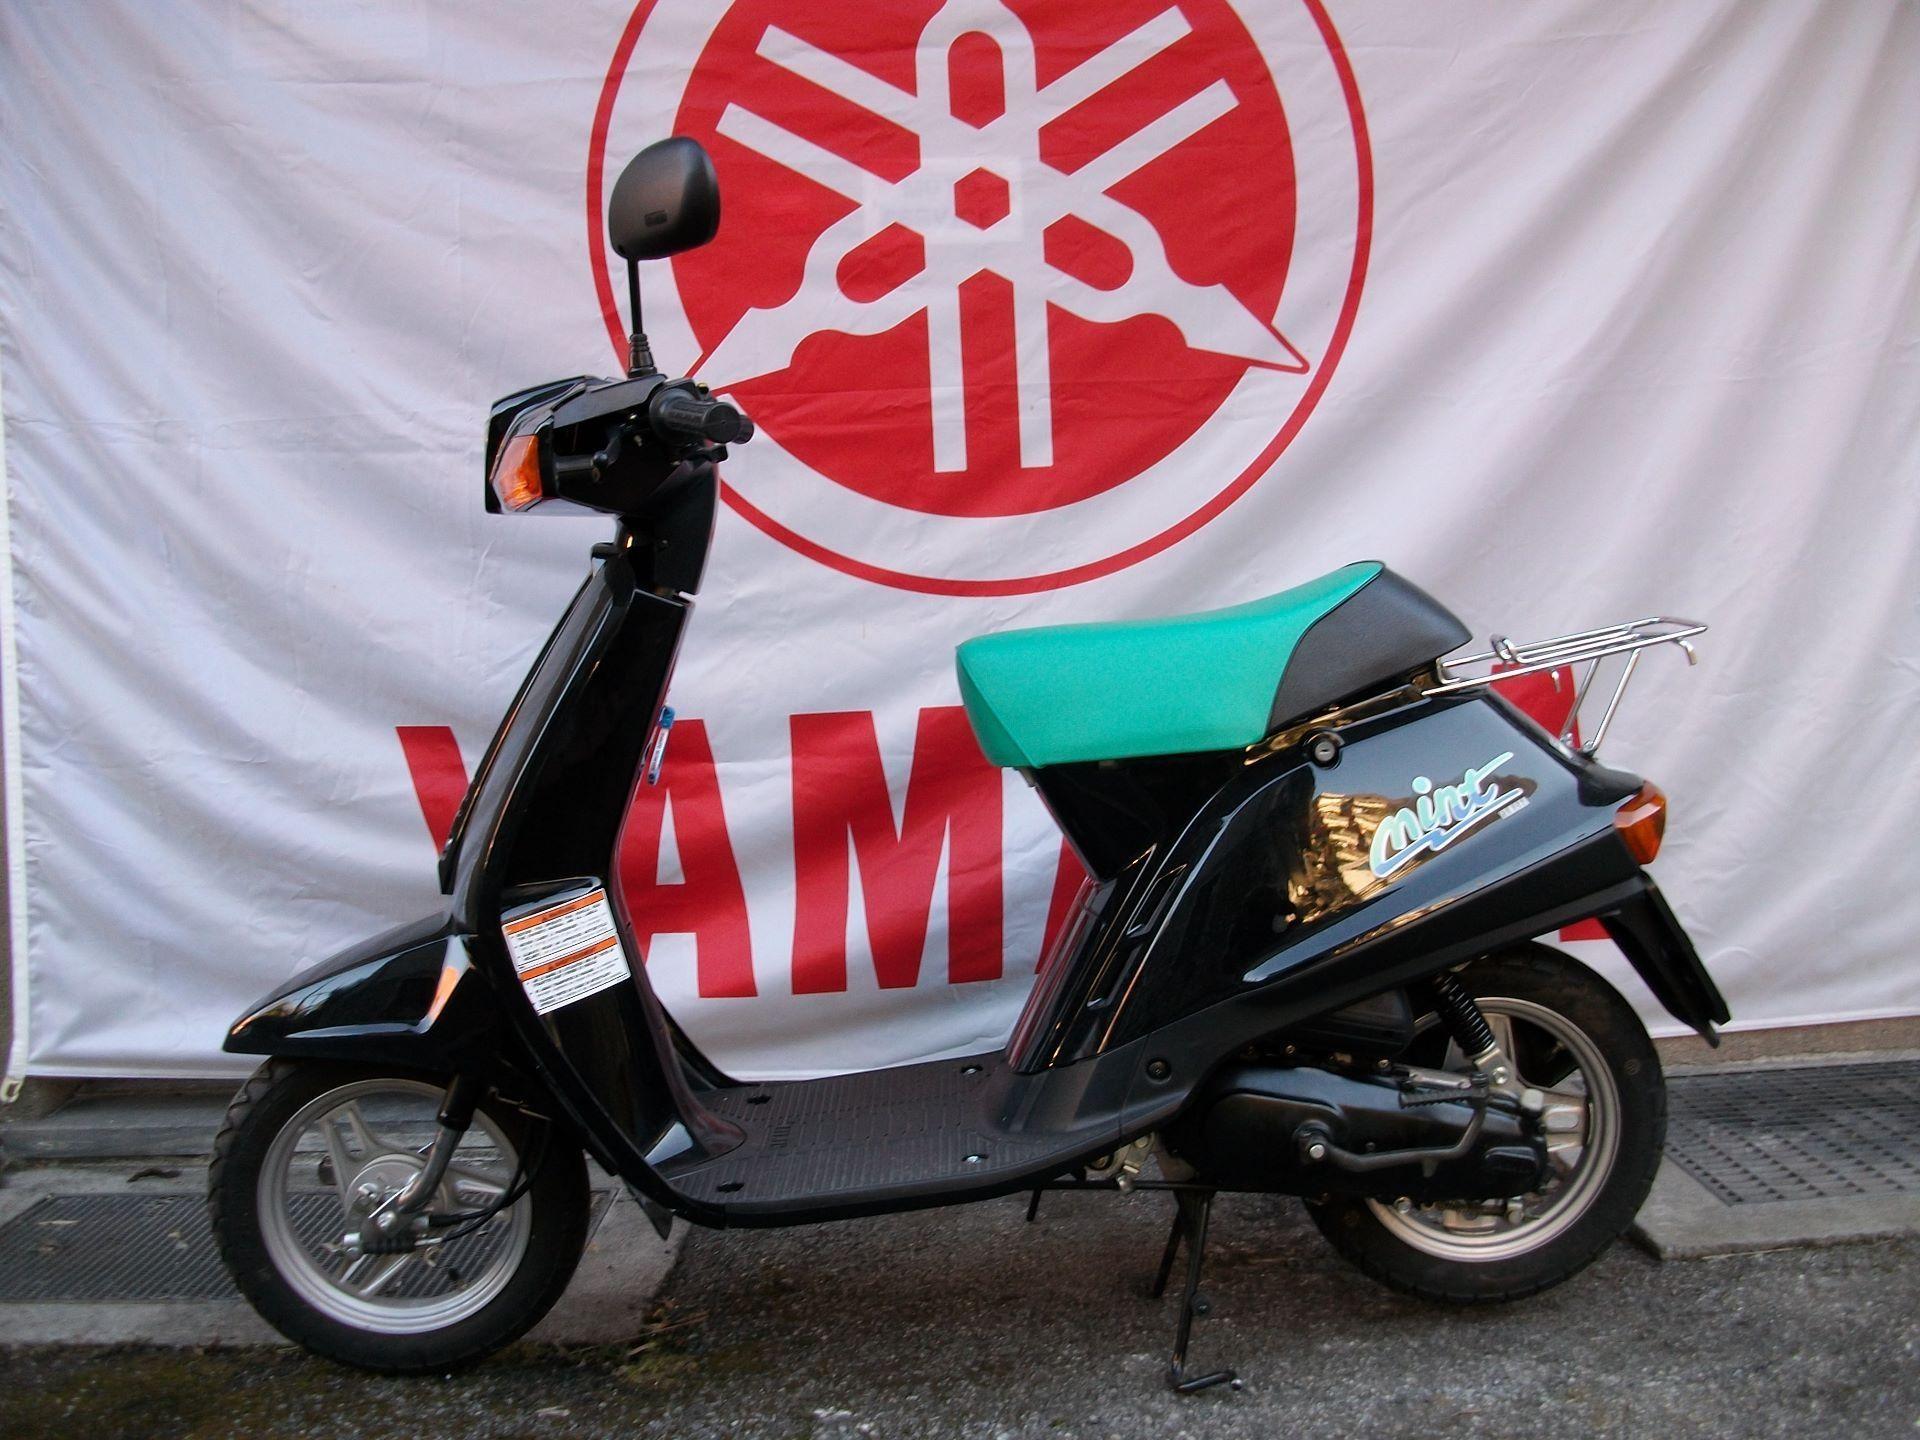 J177935-YAMAHA-Mint-SH-50-45kmh.jpg